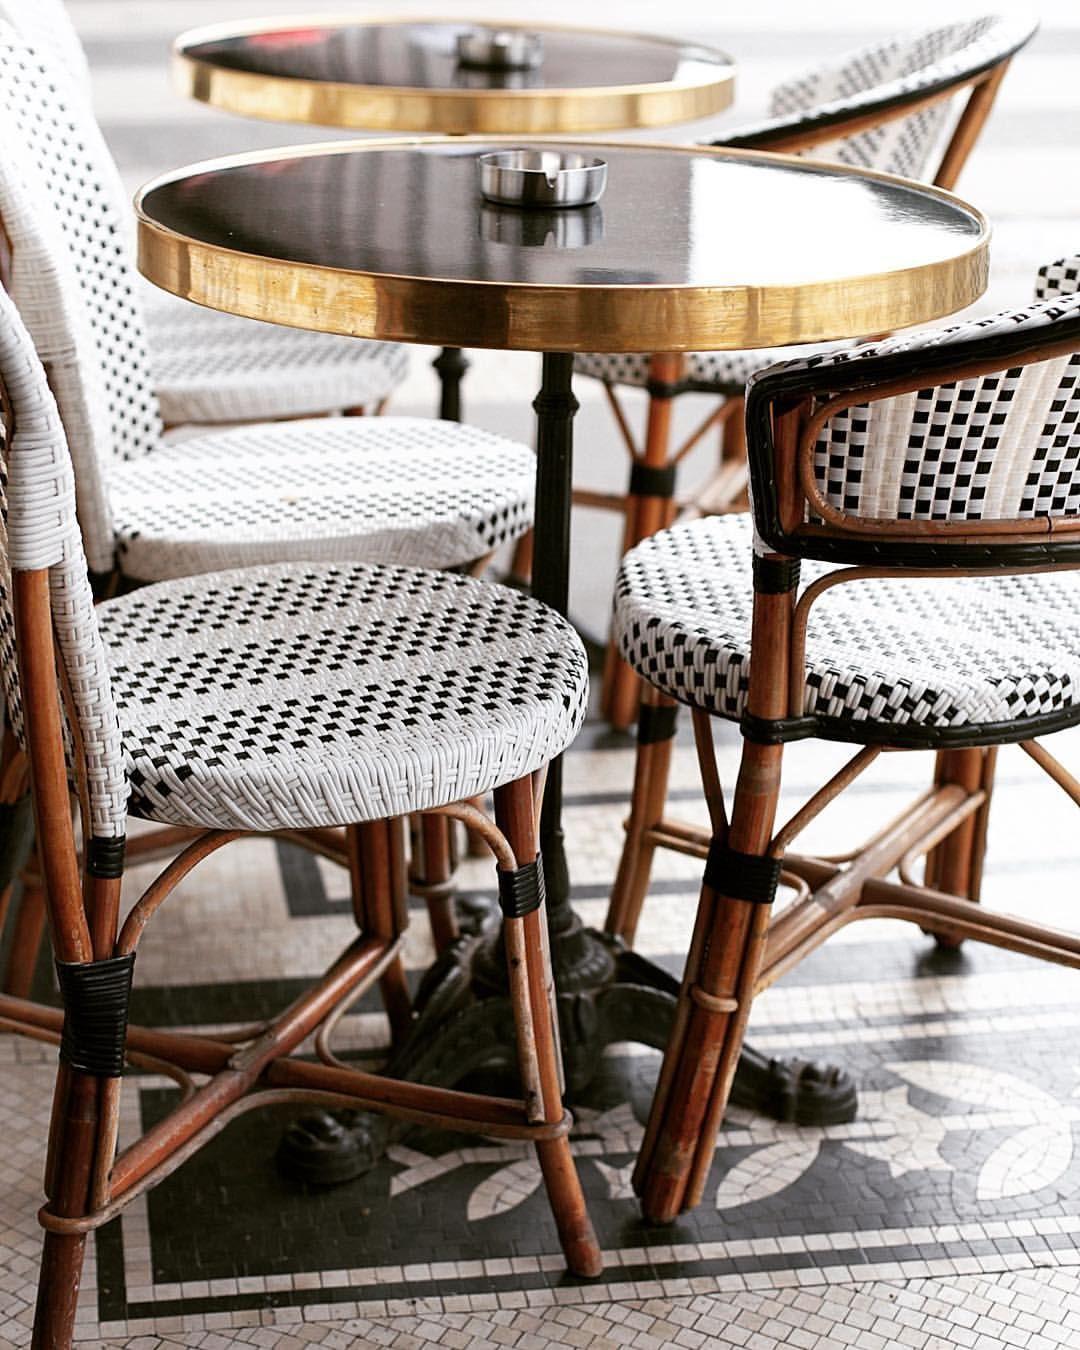 Petit café parisien with a friend ☕️❤️ This café is so